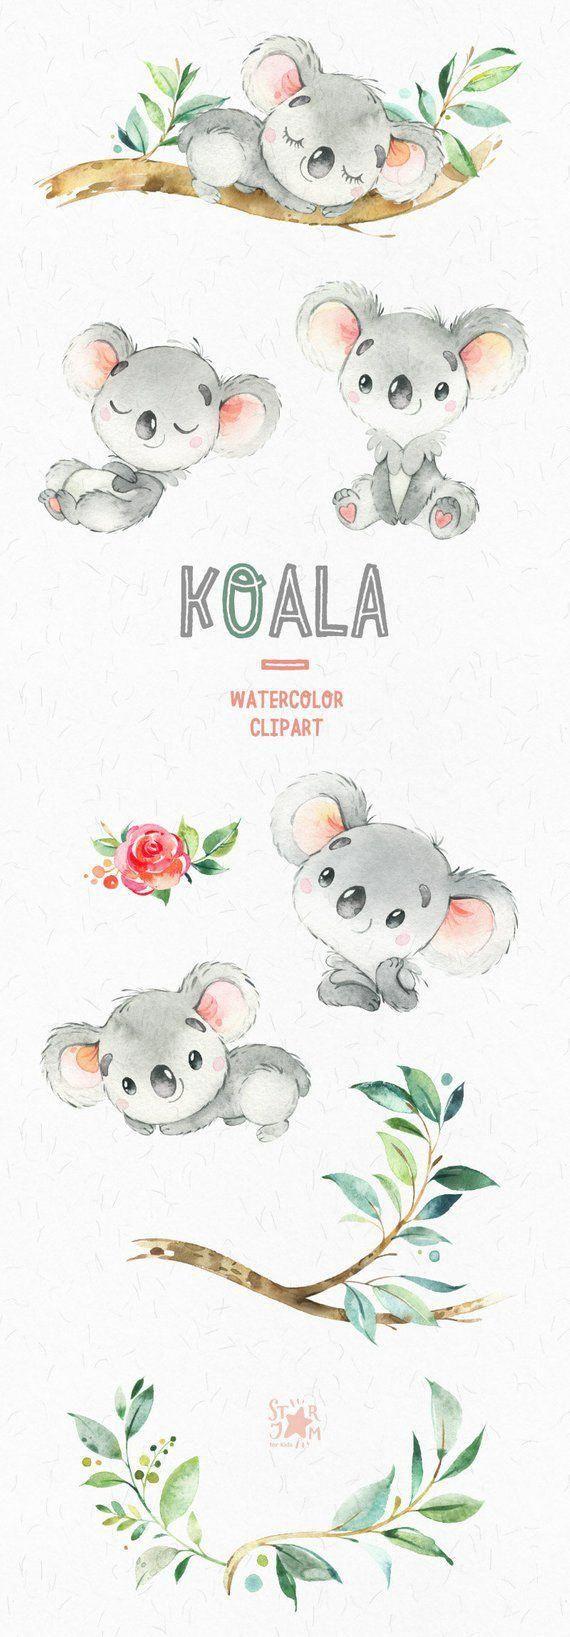 Dimension: 40cm x 30cm sticker vitres image de fen/être film de fen/être d/éco de fen/être tatouage de fen/être d/écoration de fen/être autocollant de fen/être Sticker de fen/être No.336 Koala Bears